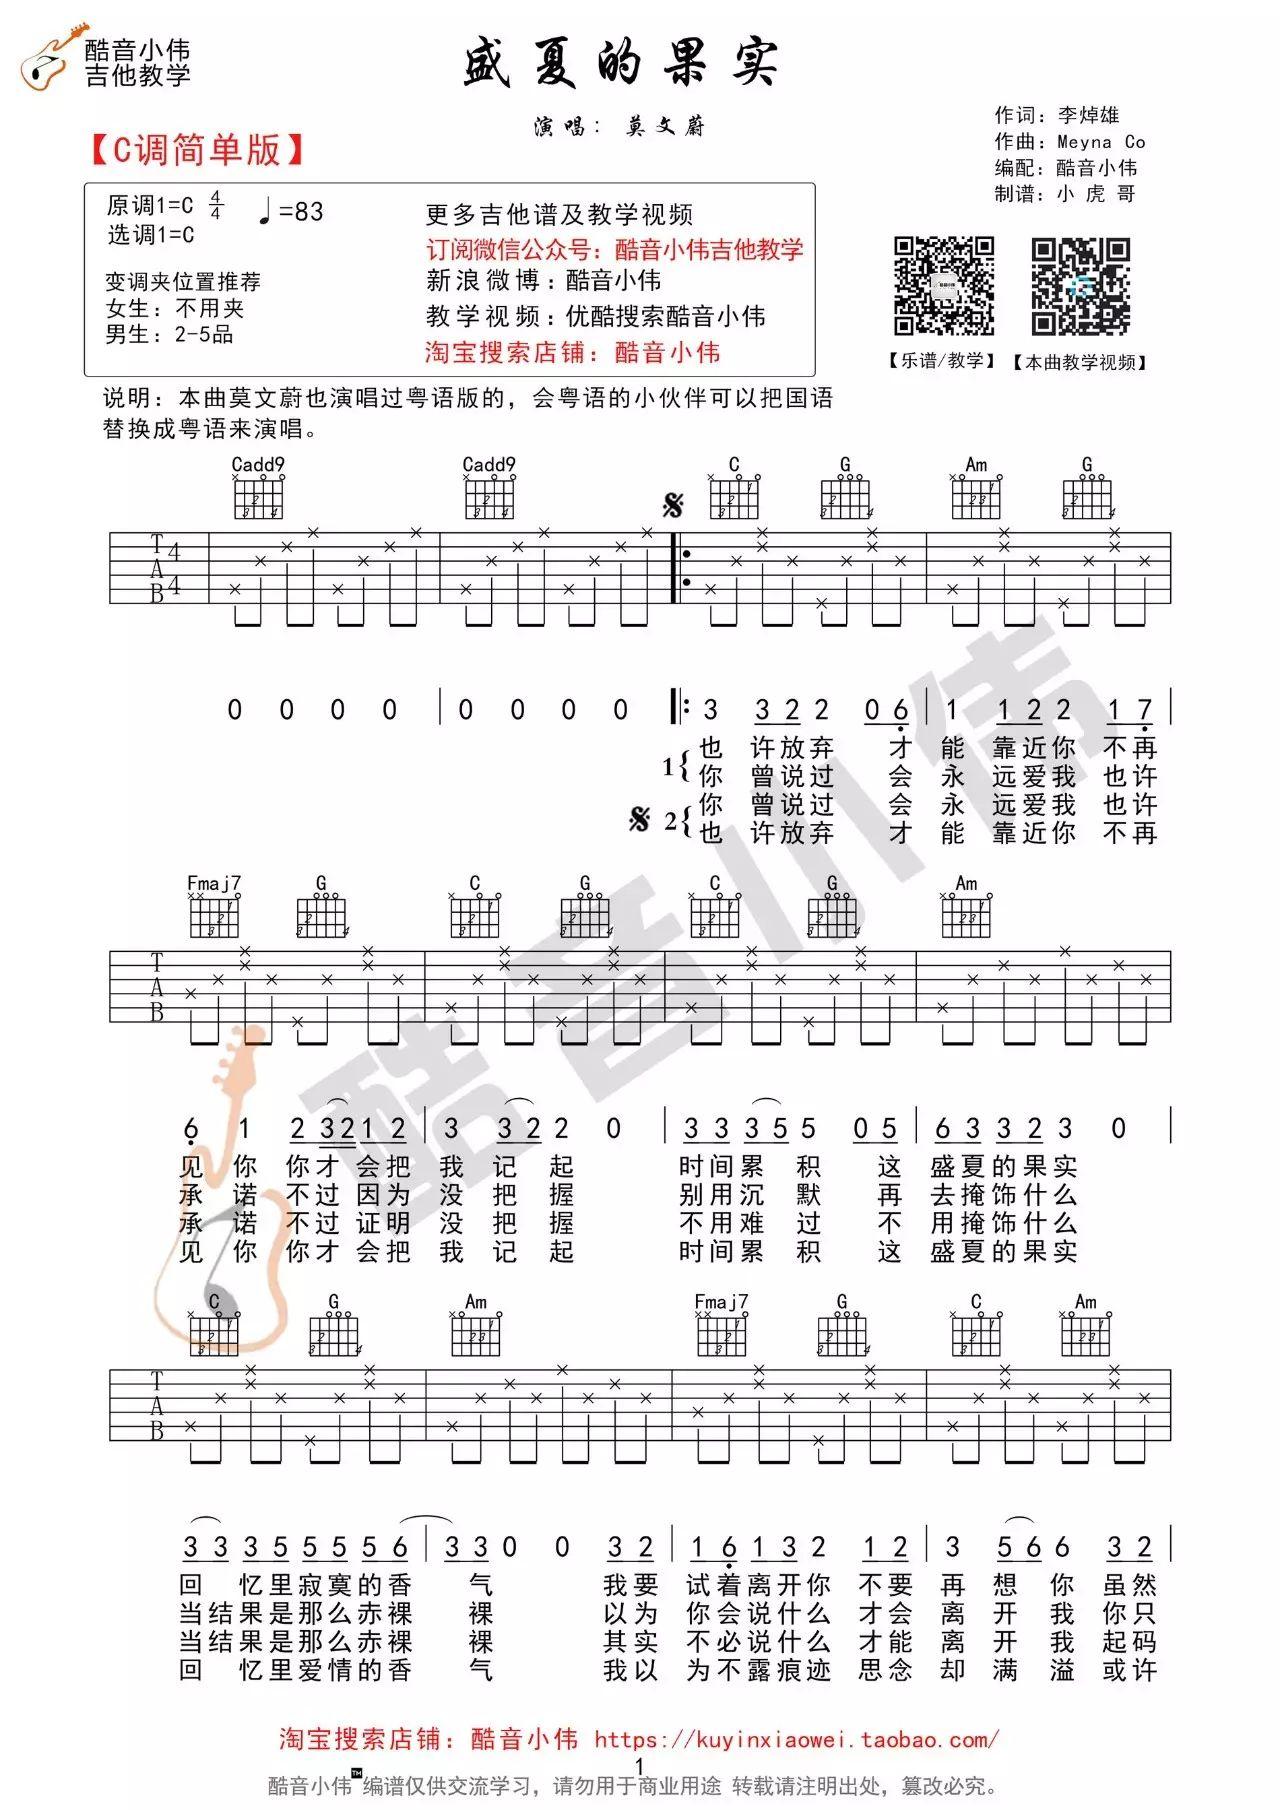 吉他派《盛夏的果实》吉他谱C调简单版-1